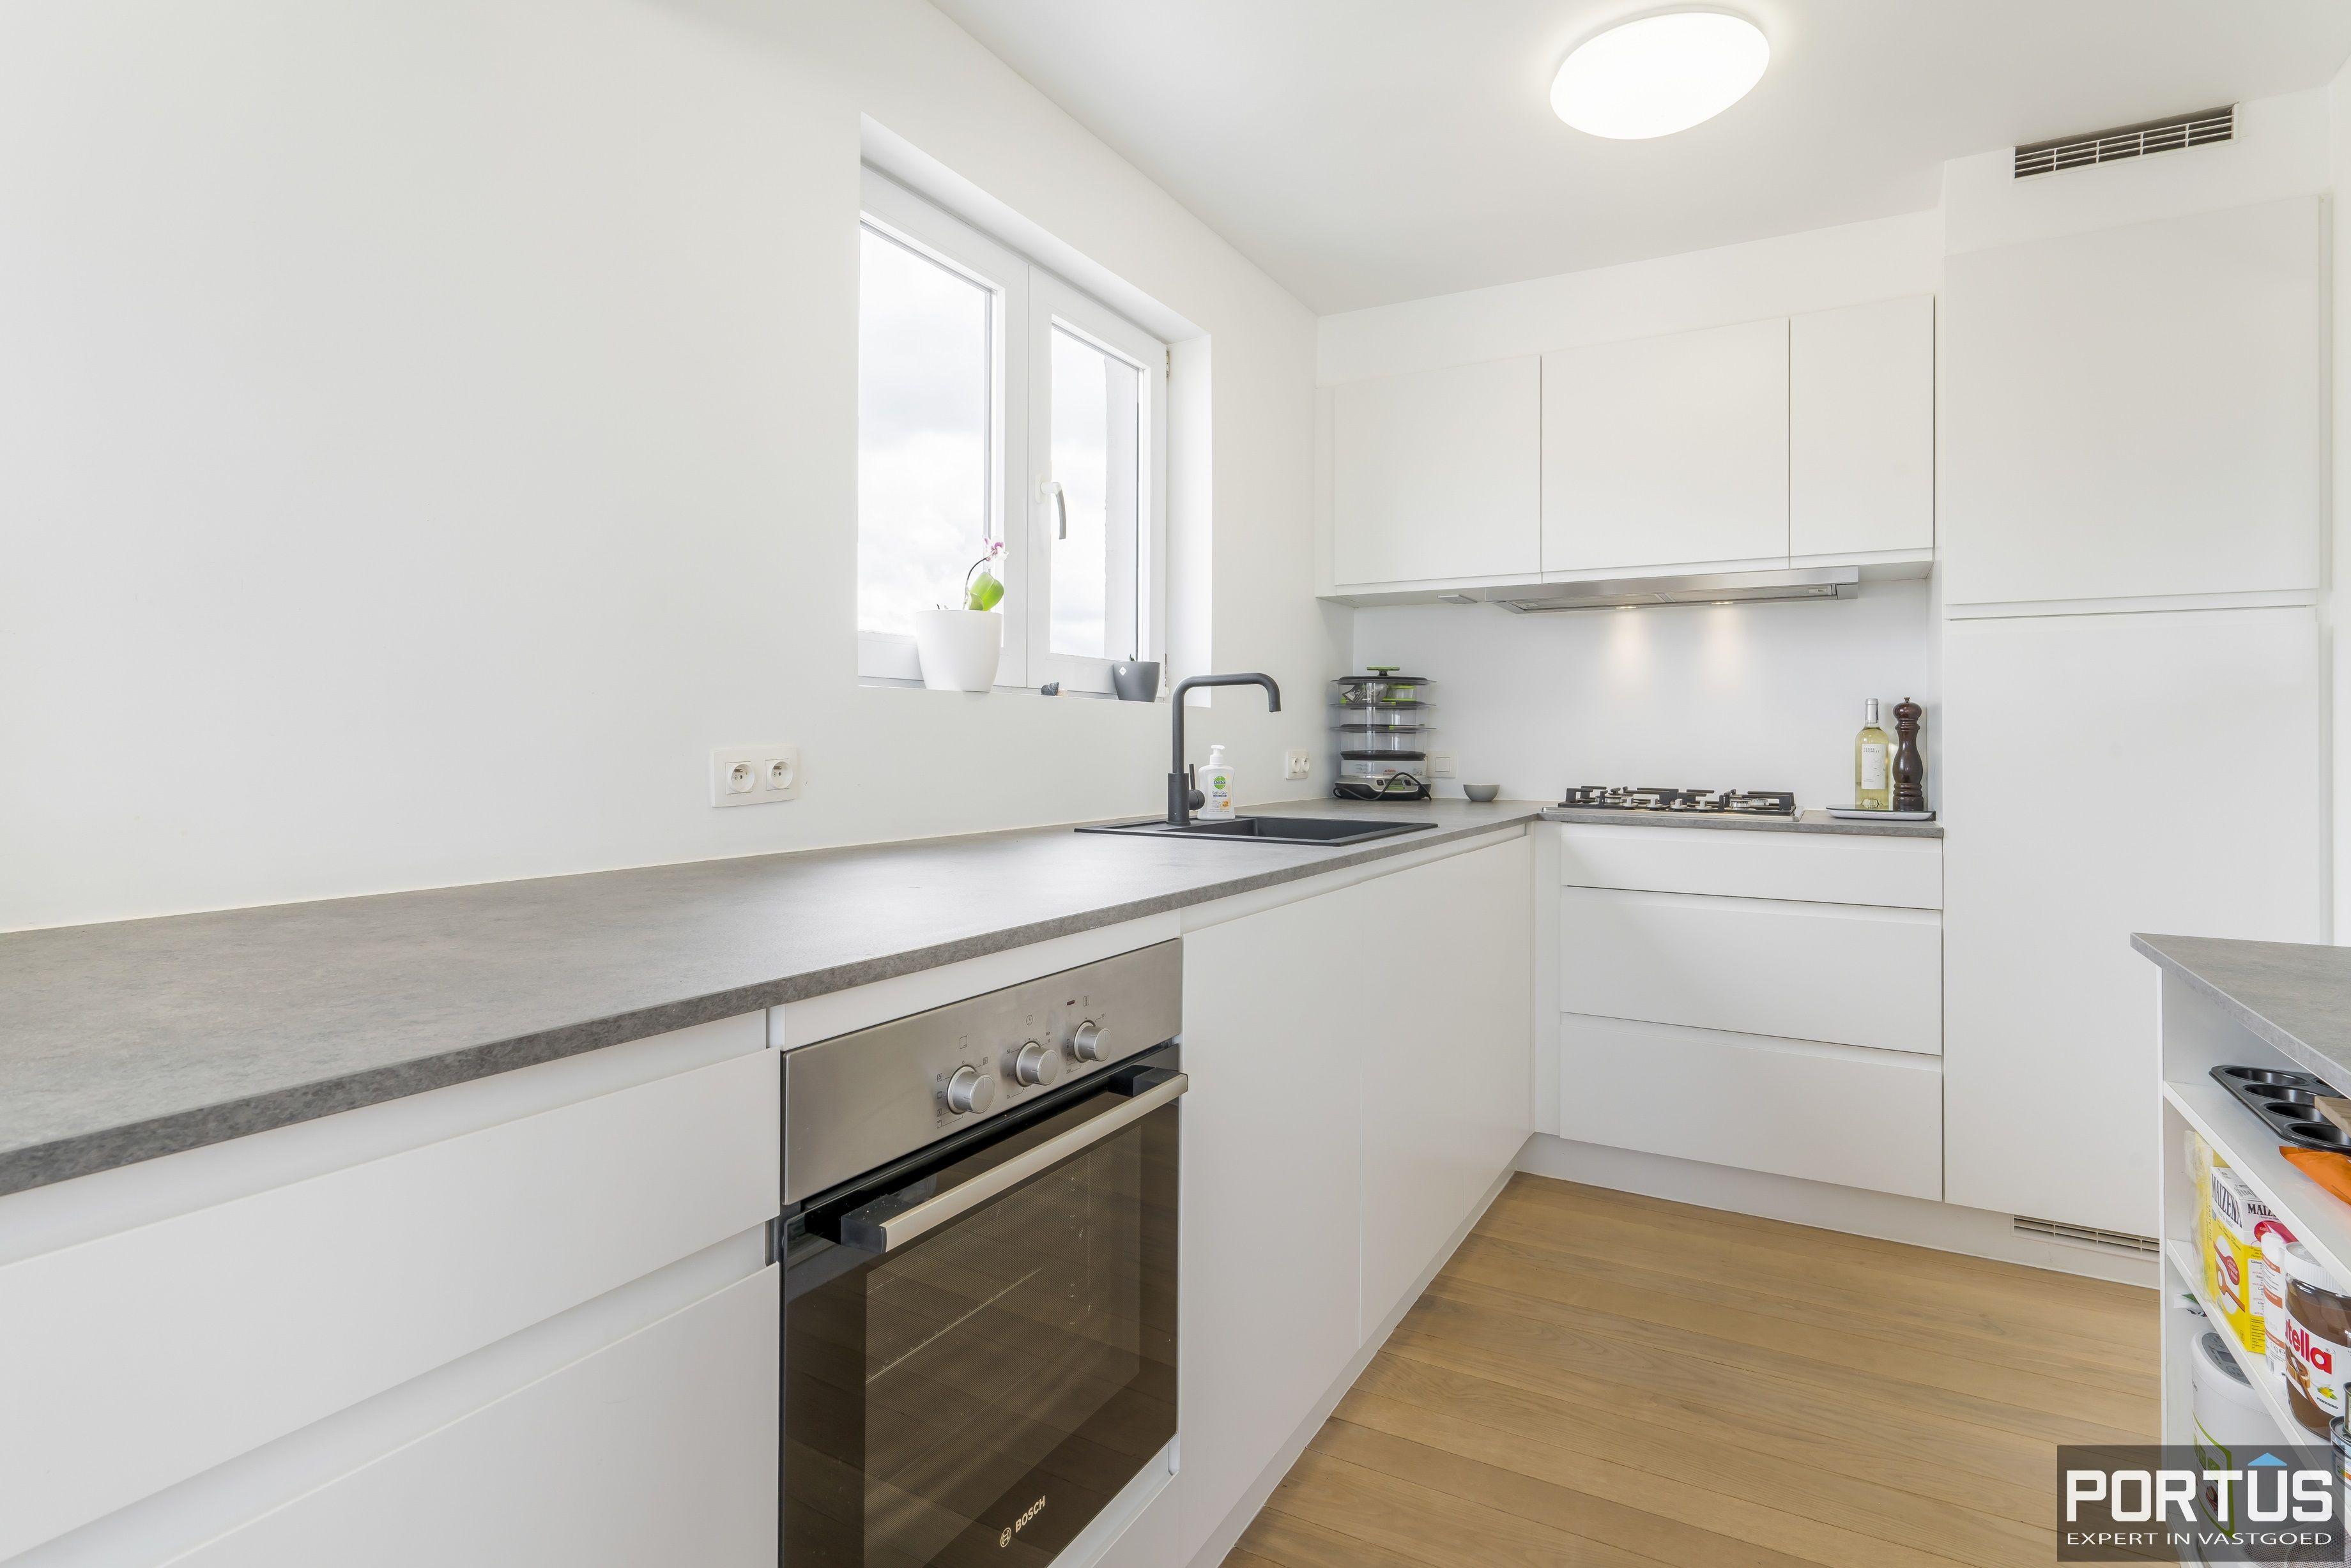 Appartement met 3 slaapkamers te koop te Westende - 13511